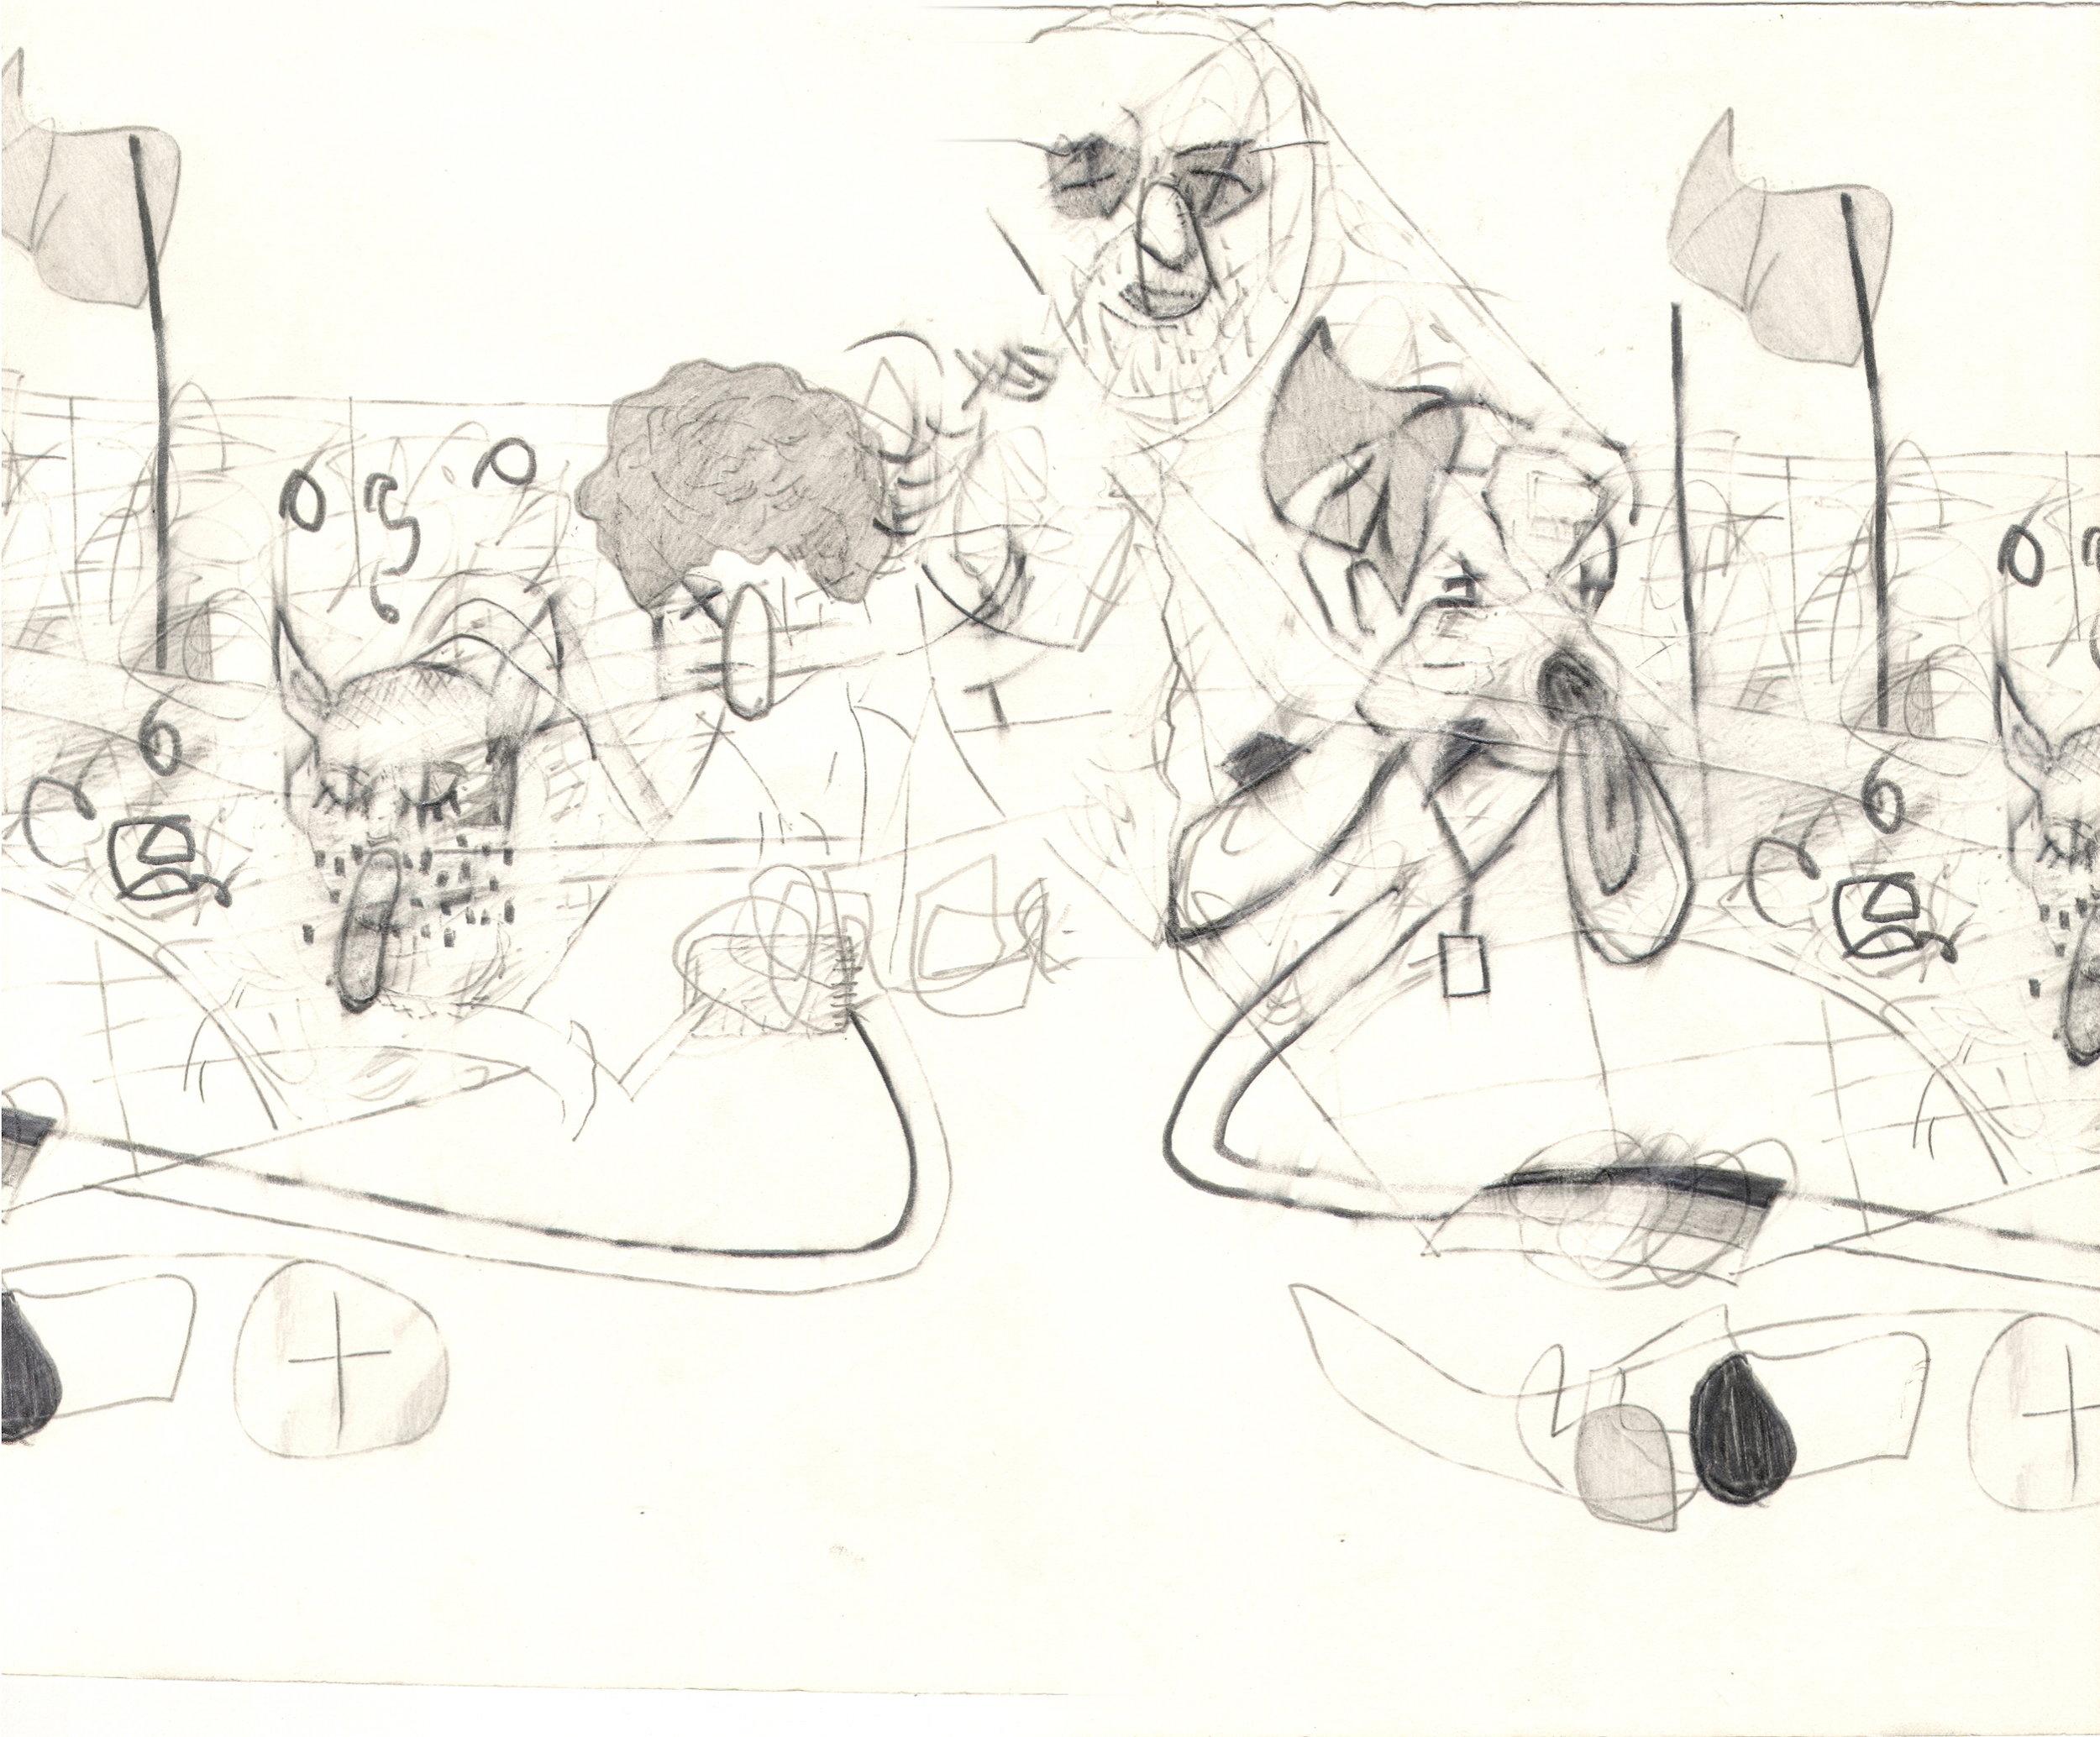 O.T. ( Scanfehler ), 2006  Bleistift auf Papier, 26x35.5cm